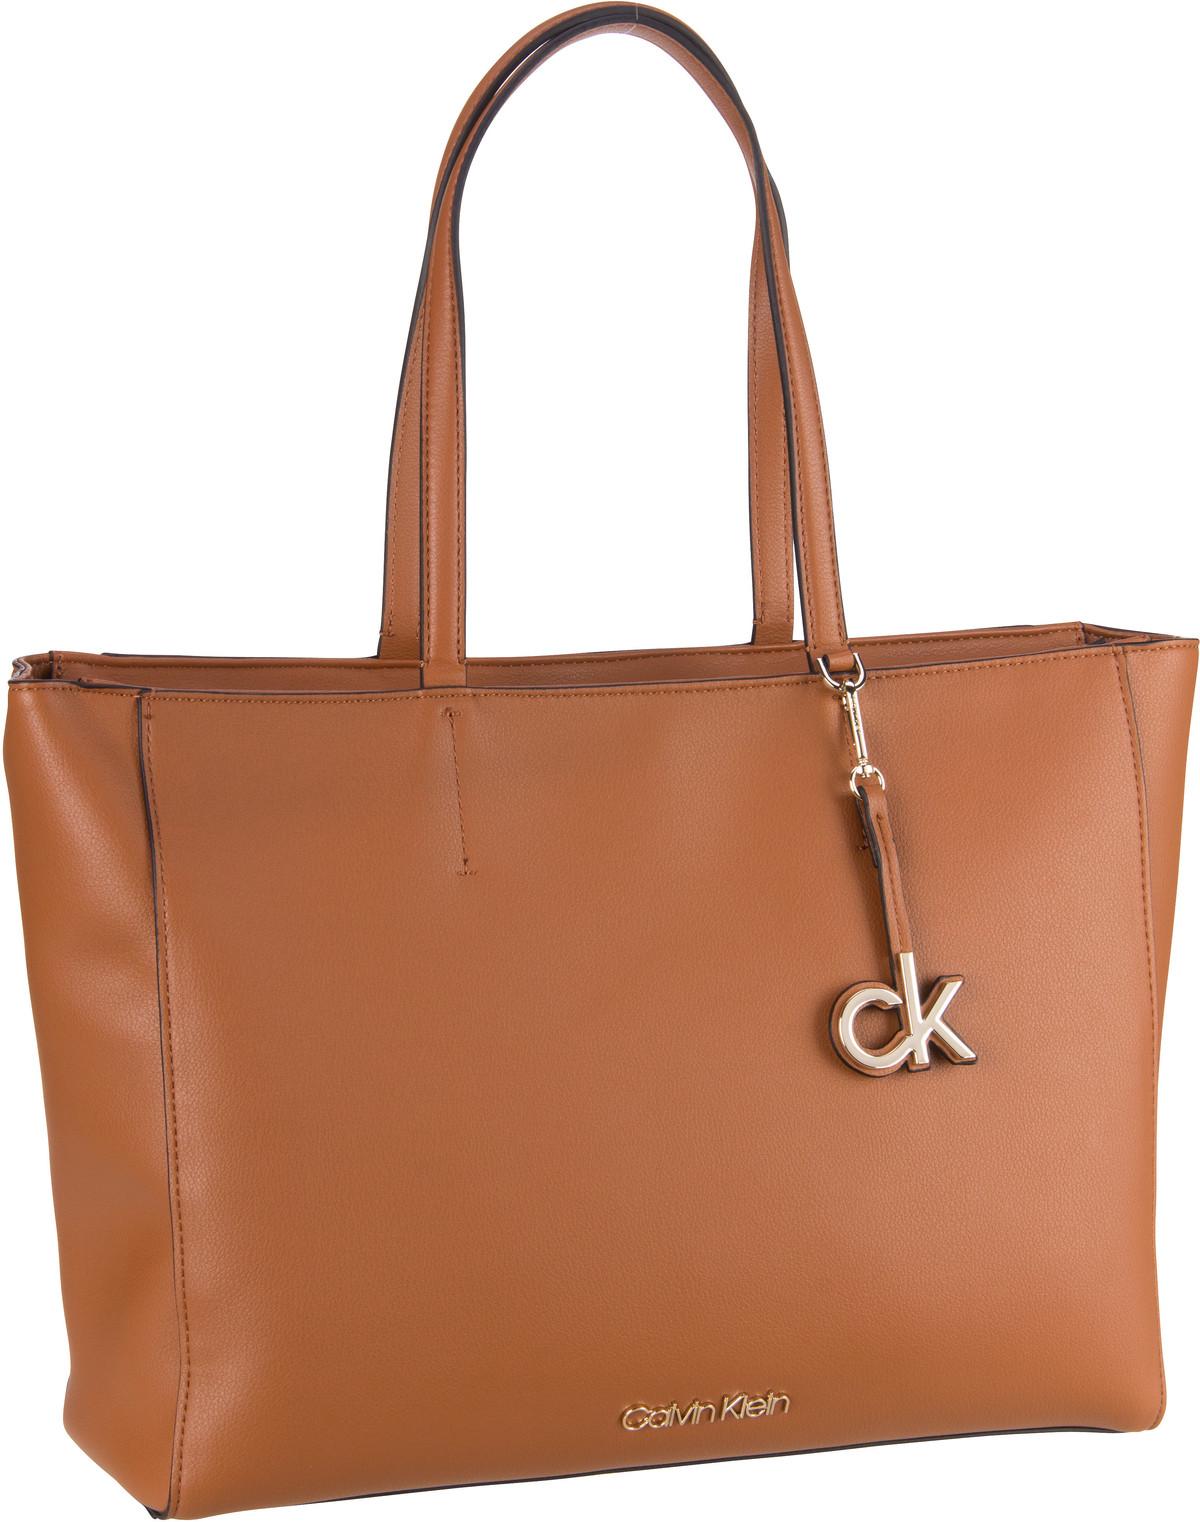 calvin klein -  Handtasche CK Must Shopper FA20 Cognac